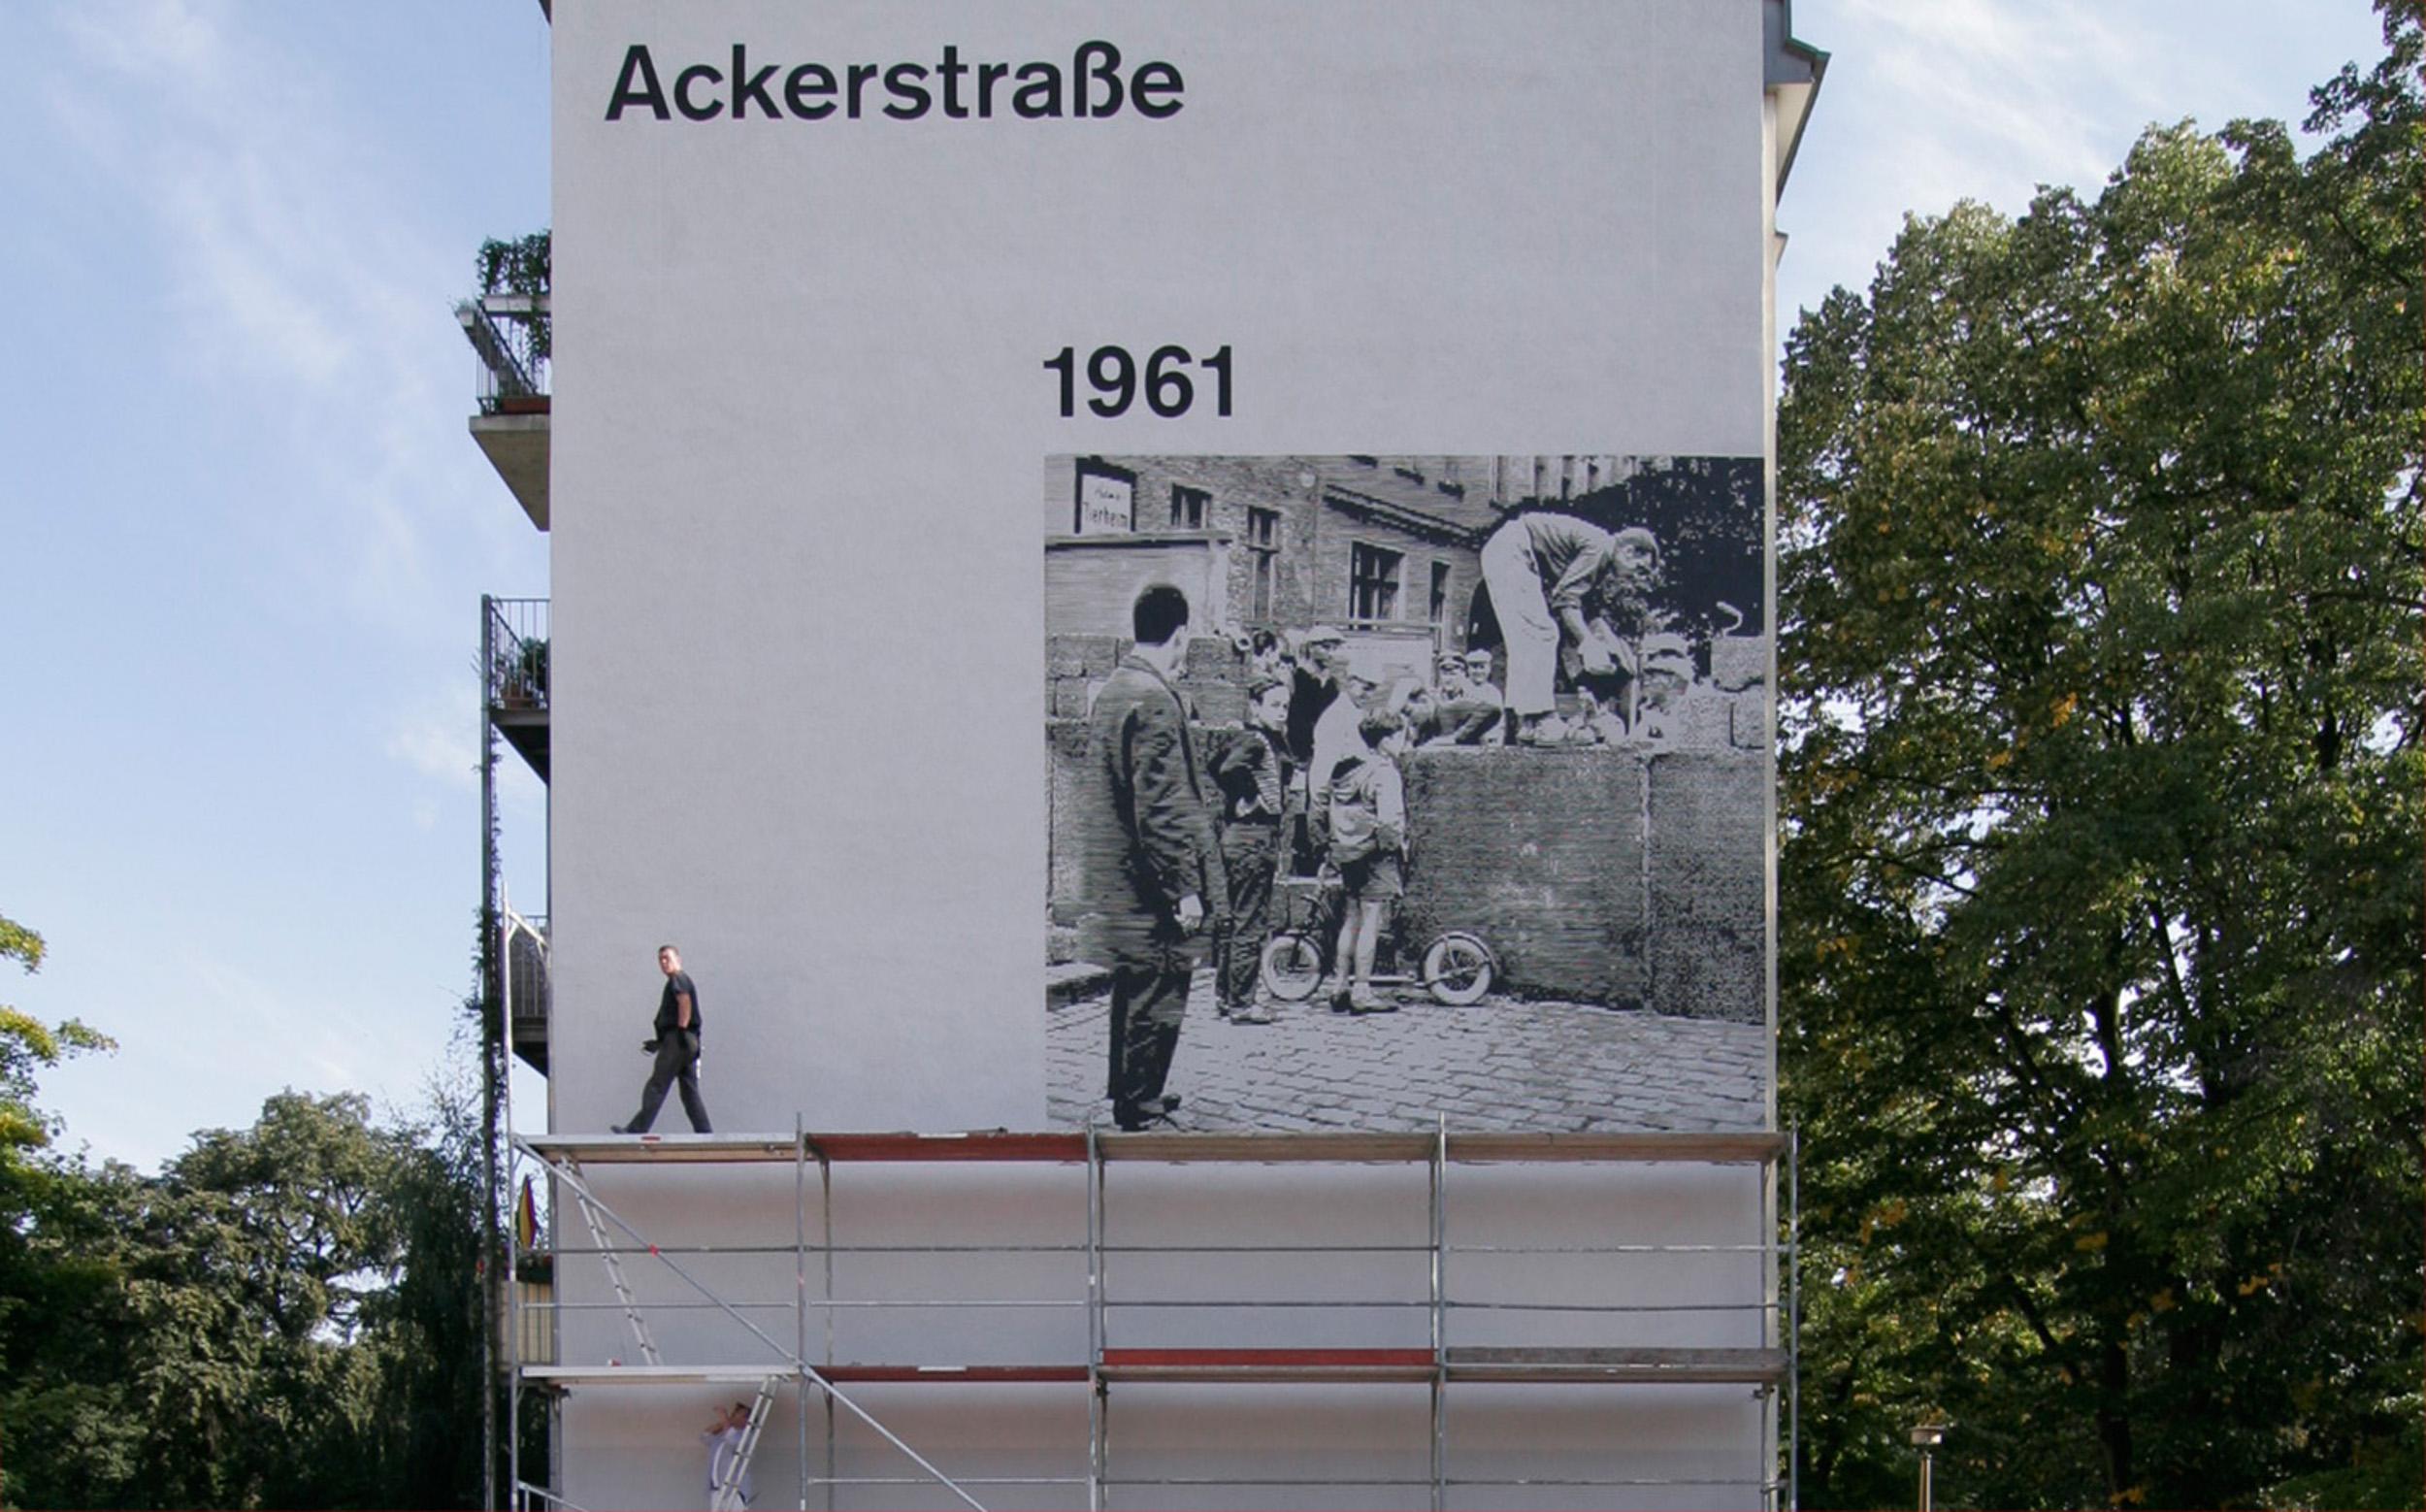 Fassadengestaltung-kein-graffiti-mauergedenkstätte-berlin-foto-auf-putz.jpg